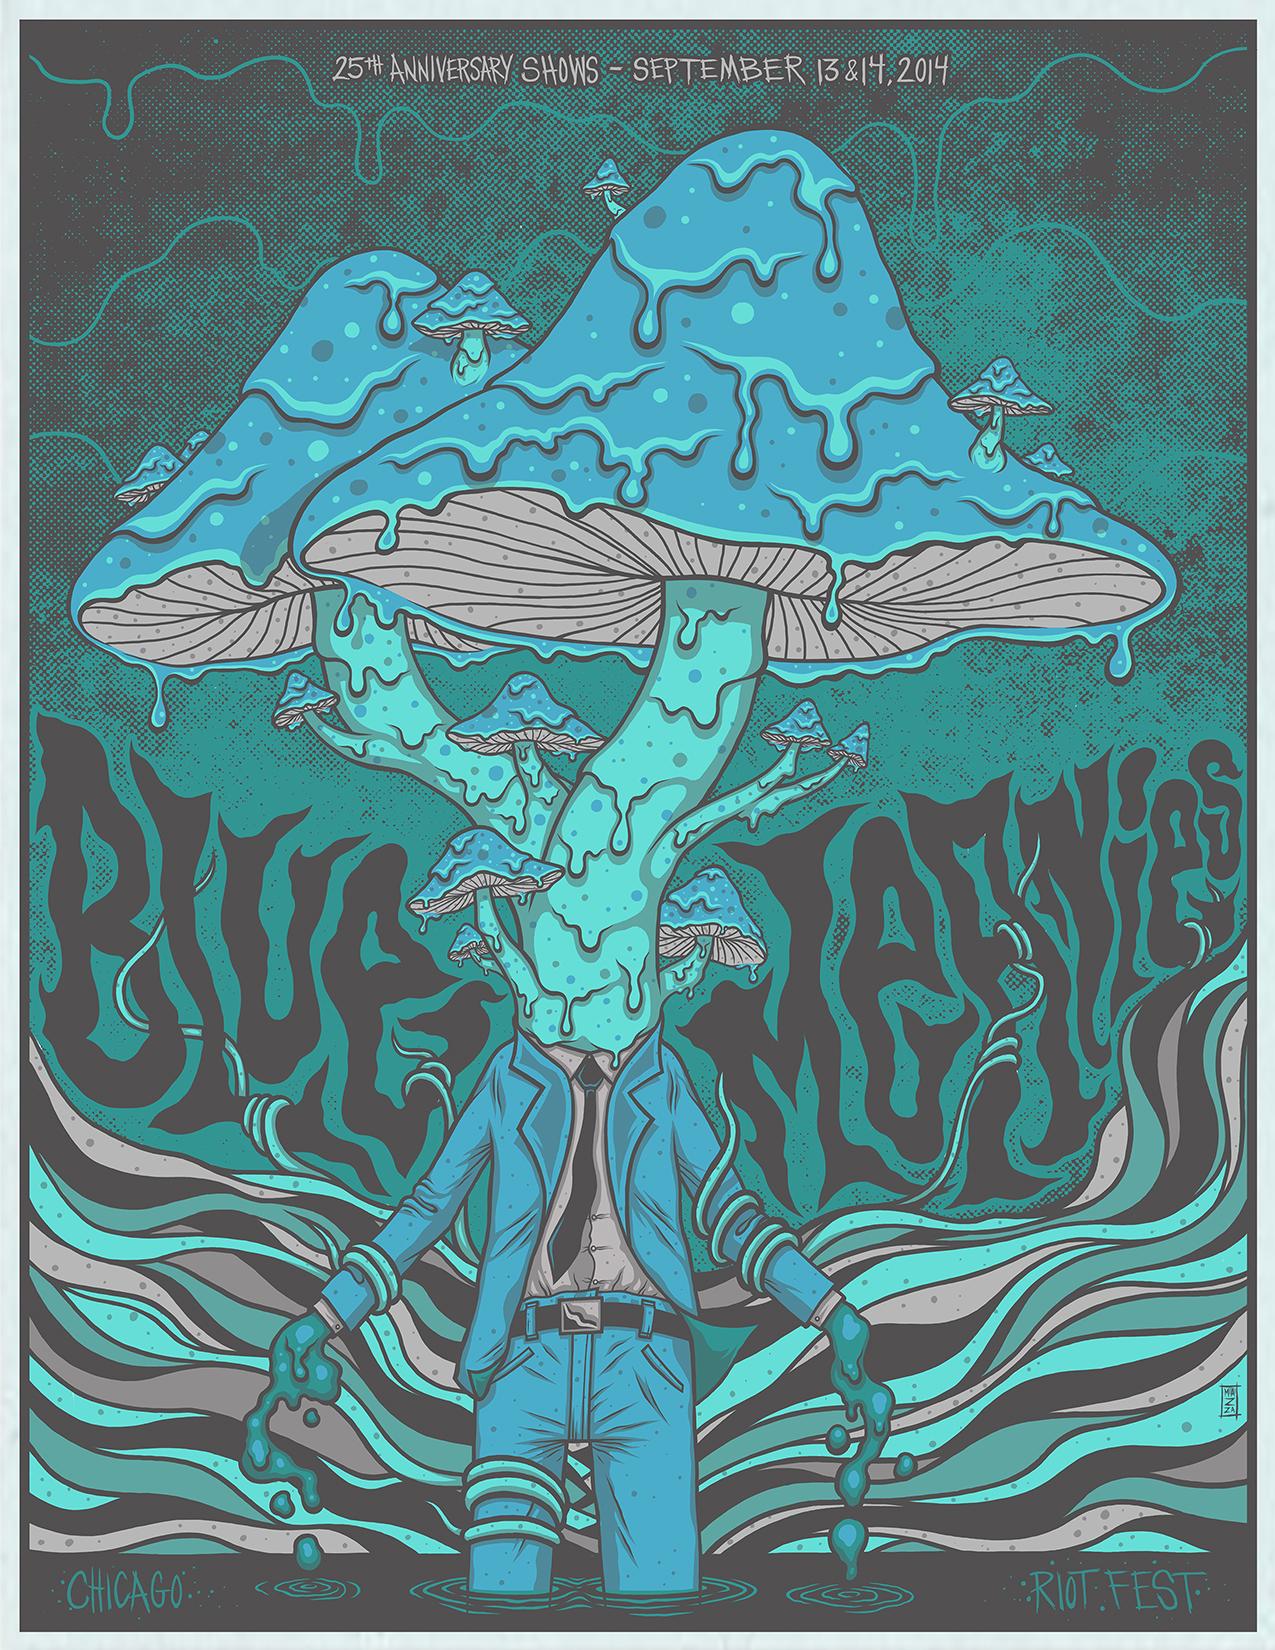 BlueMeanies_RiotFest_Final_01.jpg